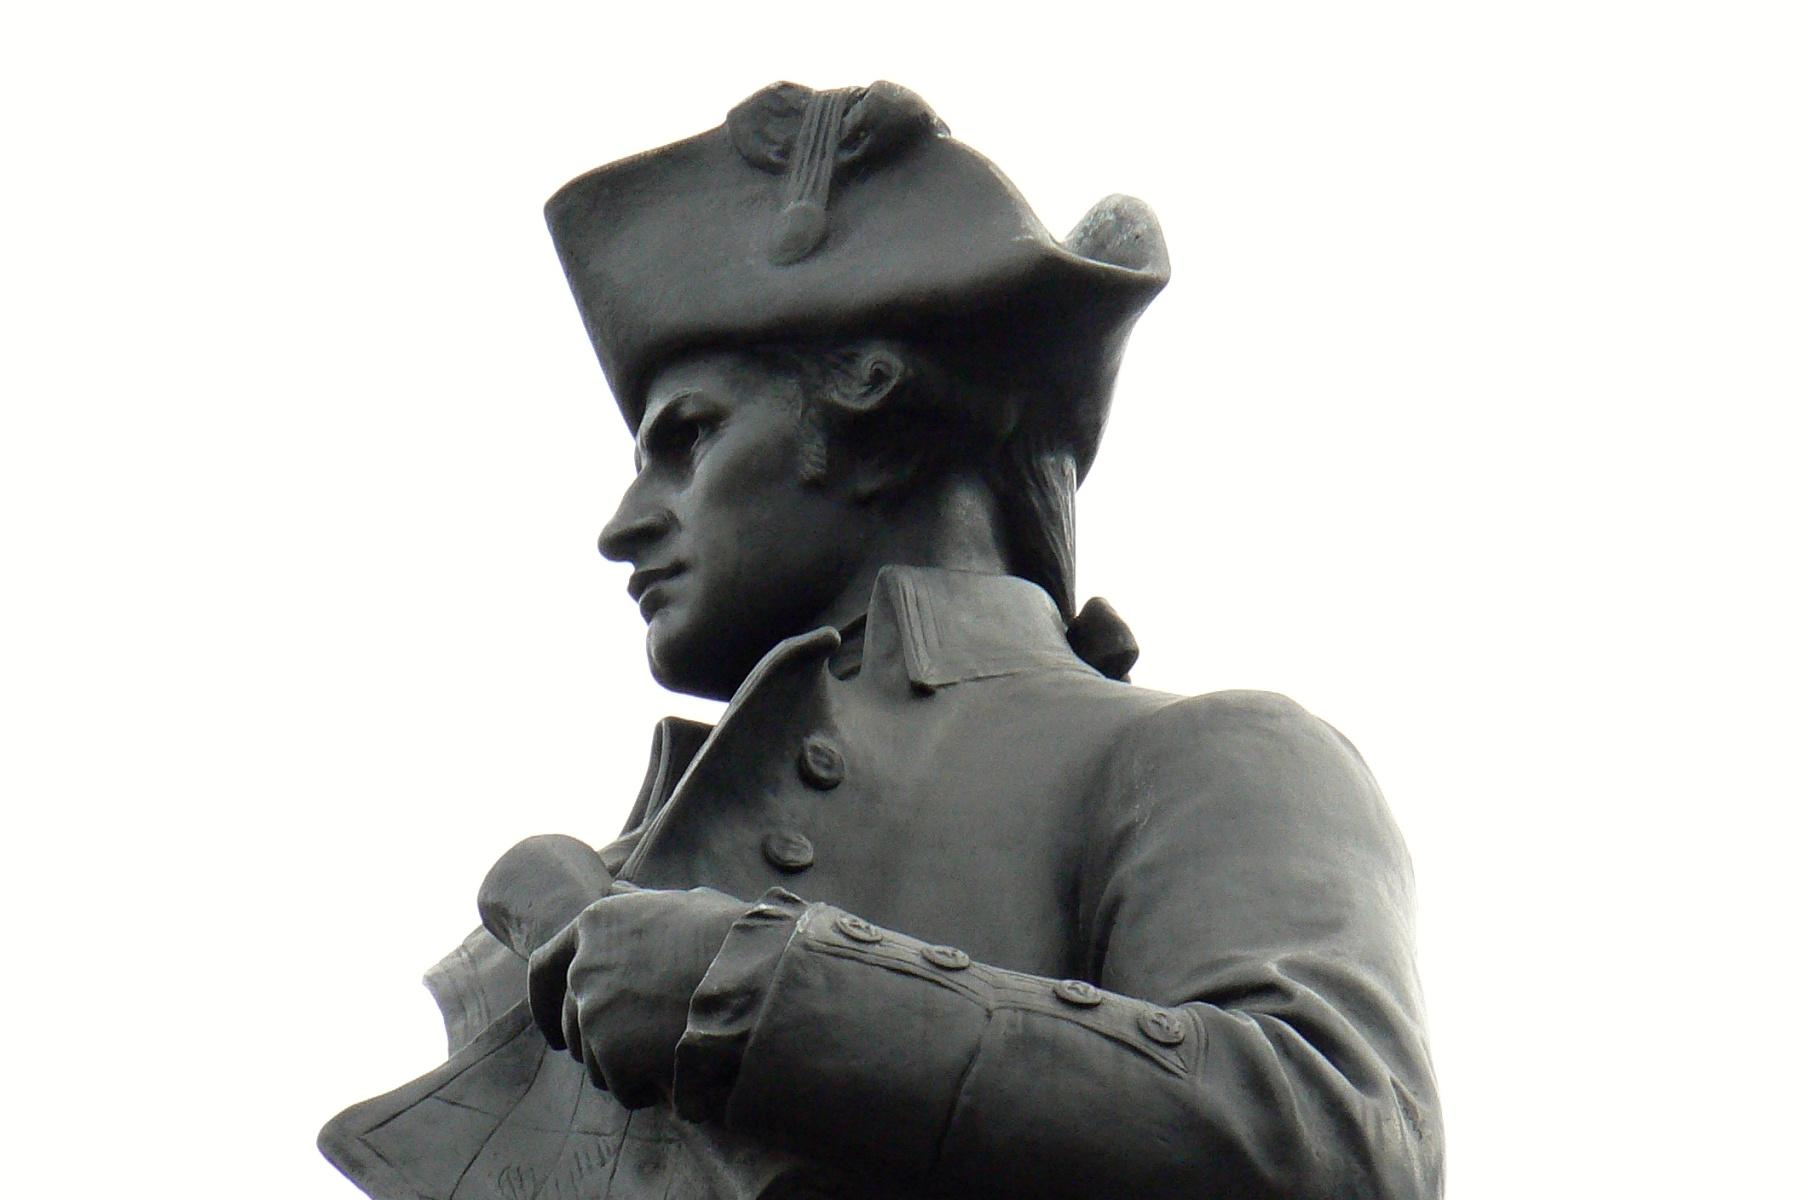 Socha objevitele Austrálie Jamese Cooka v Londýně